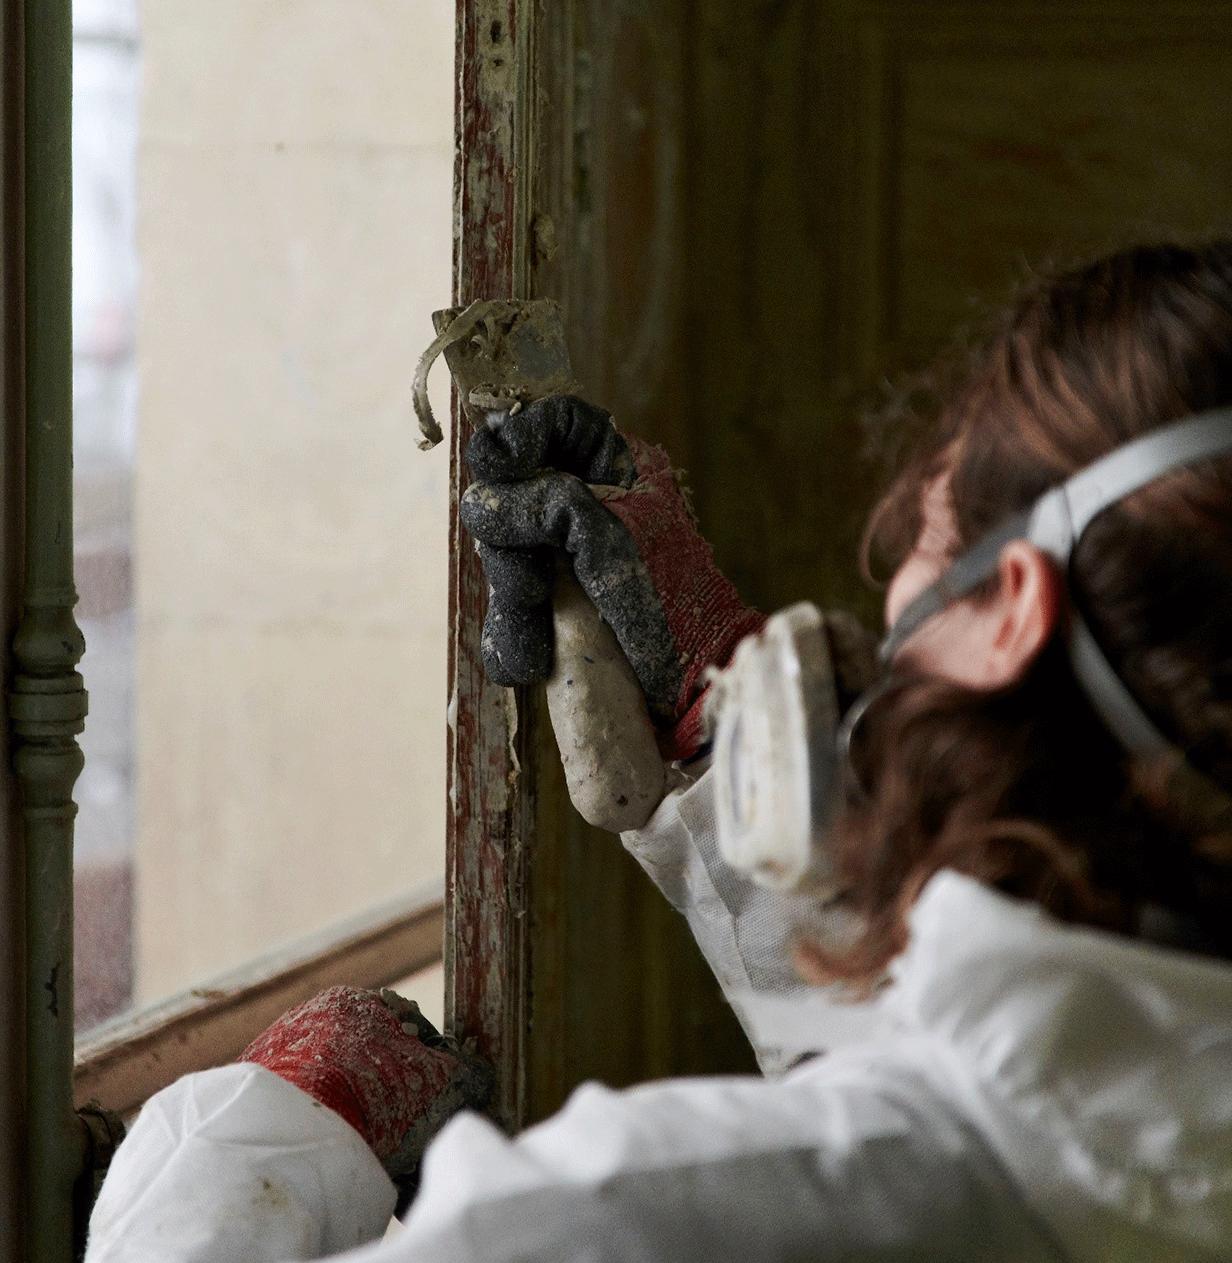 Mise à jour des décors d'origine grâce à l'intervention de restauratrices du patrimoine